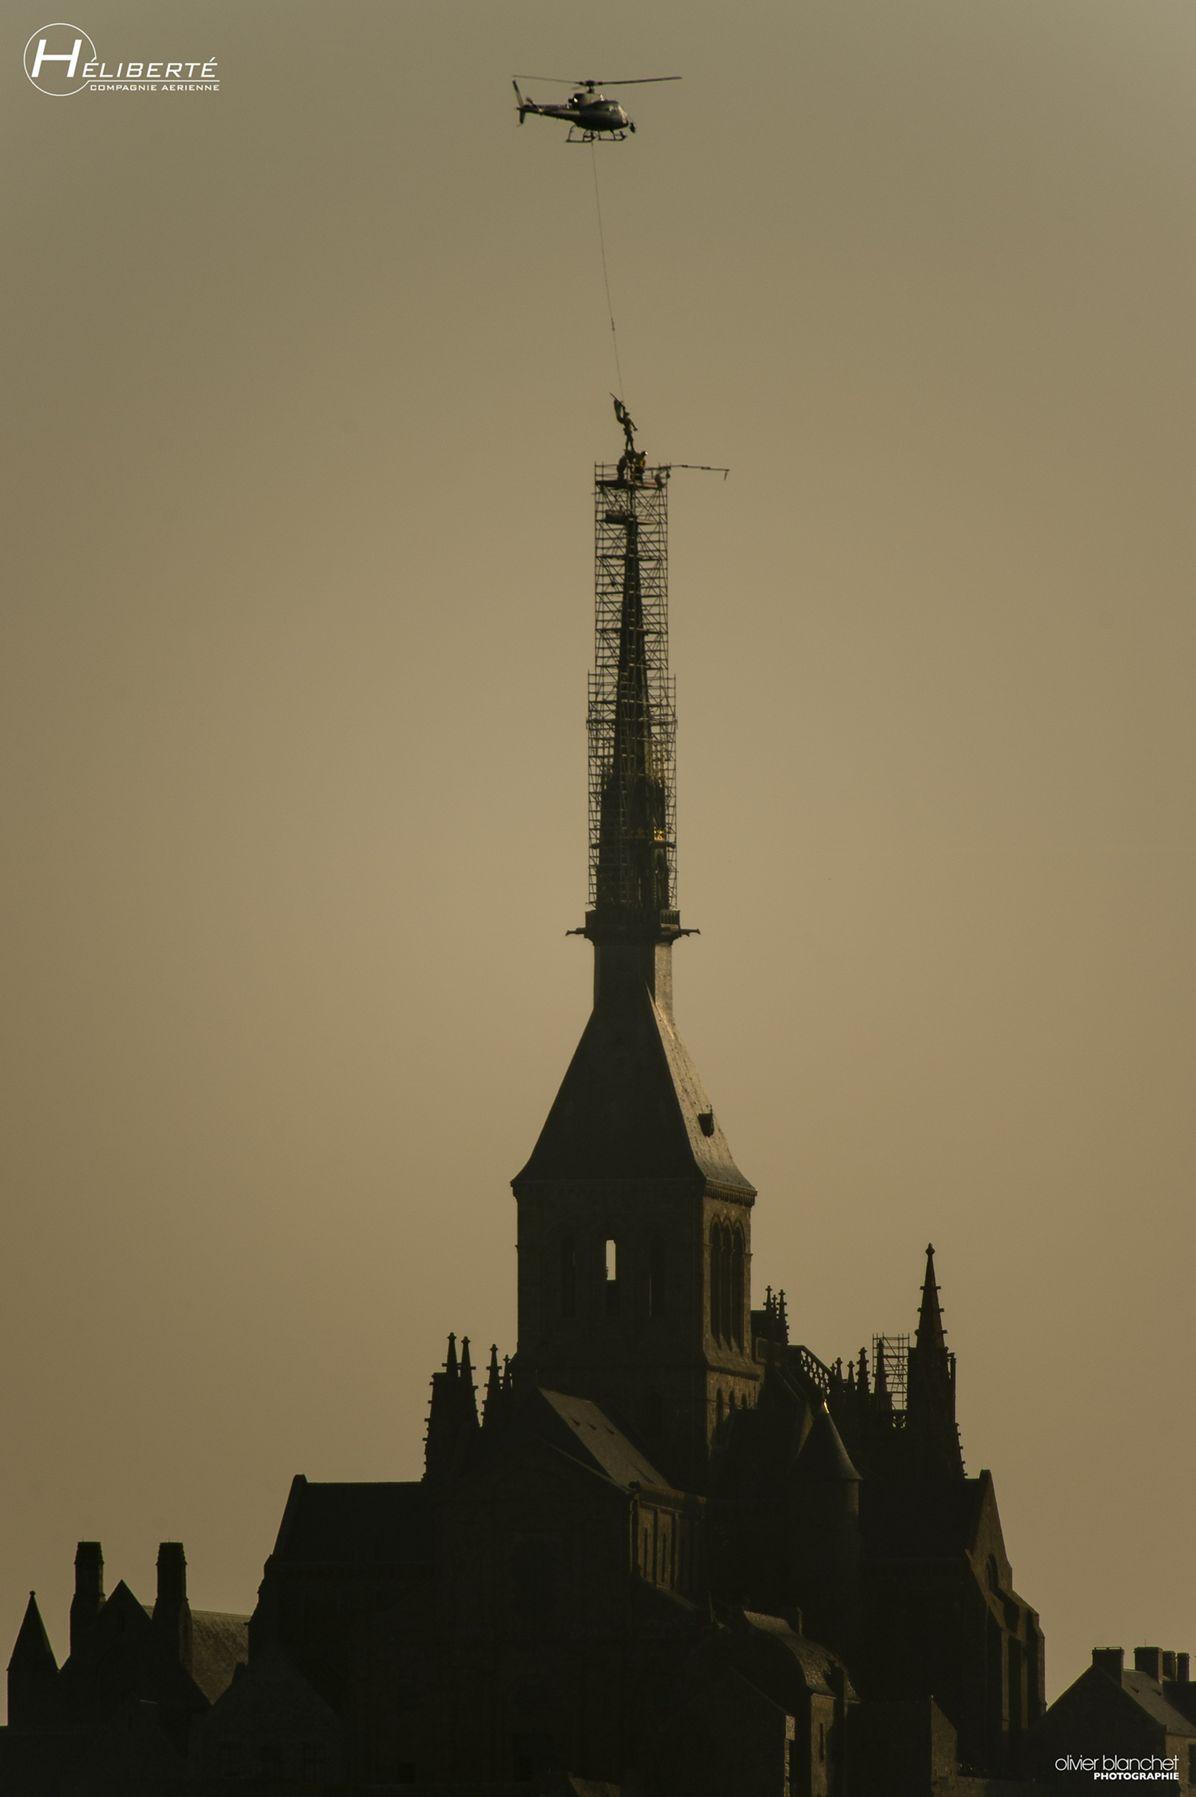 DEPOSE DE L'ARCHANGE MONT SAINT-MICHEL, Mont-Saint-Michel's archangel returns home by helicopter